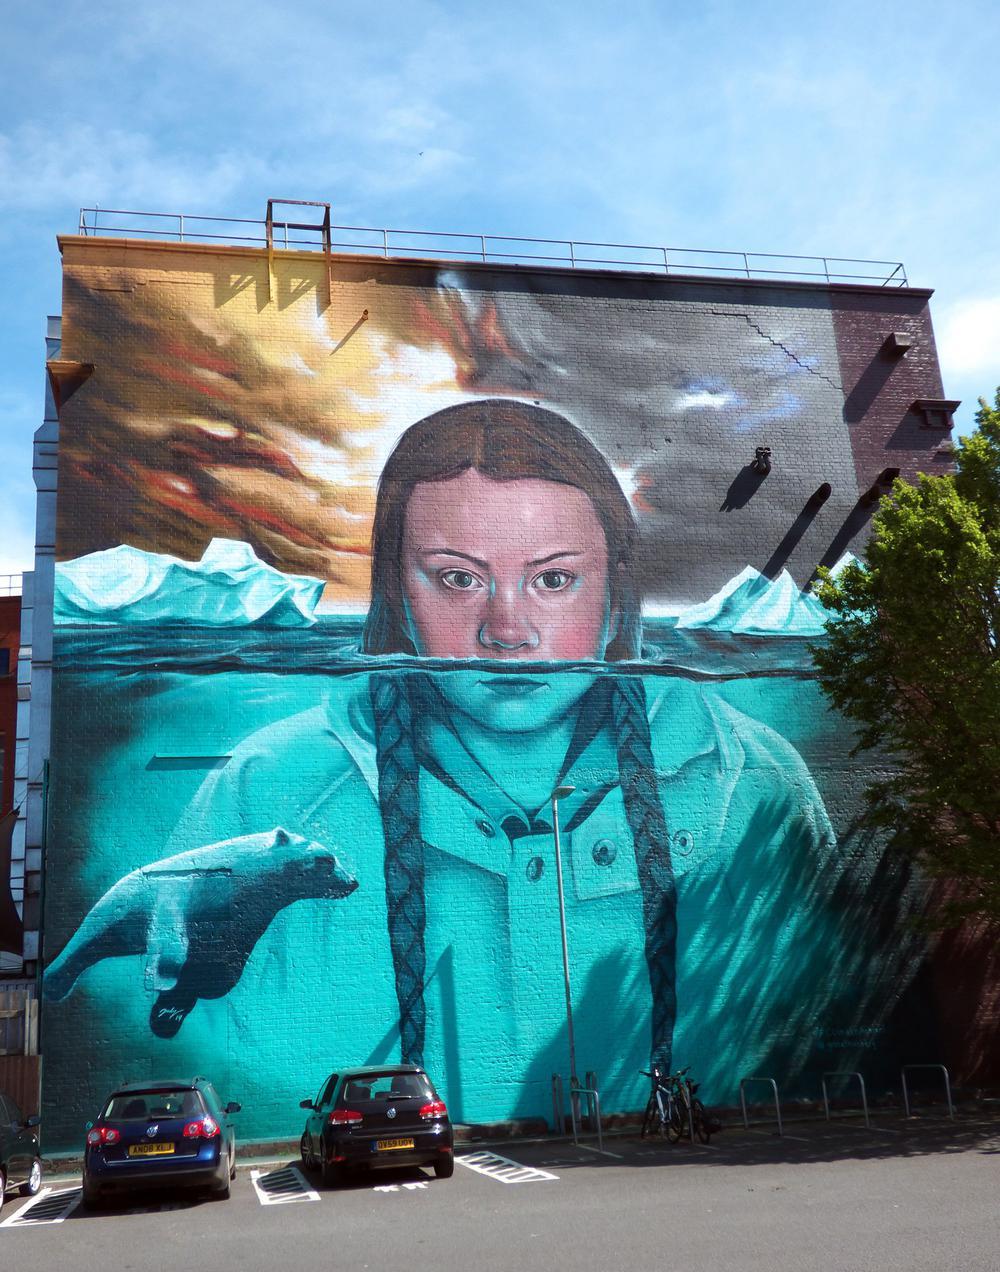 Gemälde mit einer Darstellung Greta Thunbergs auf einer Häuserwand über vier Stockwerke. Wie die Eisberge im Hintergrund ragt sie aus dem Wasser.